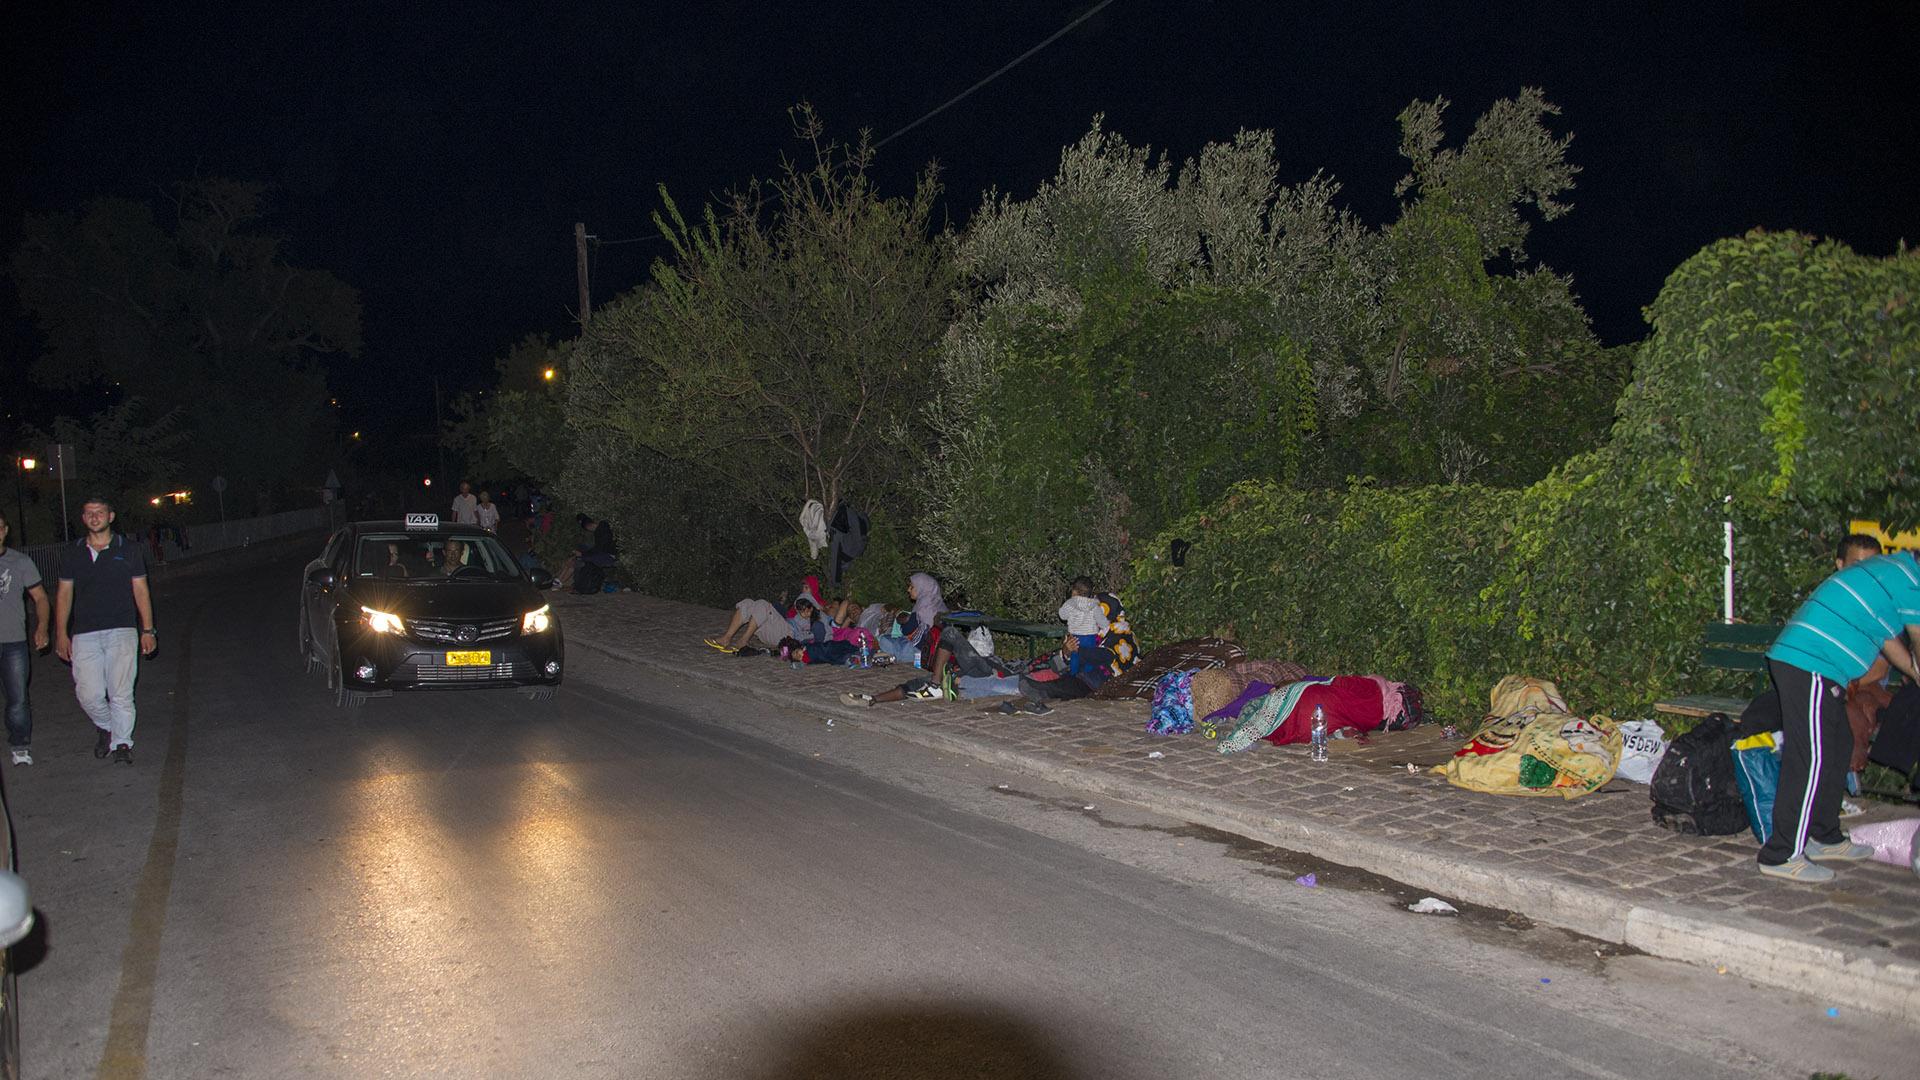 20150912 Lesbos 032 (1)